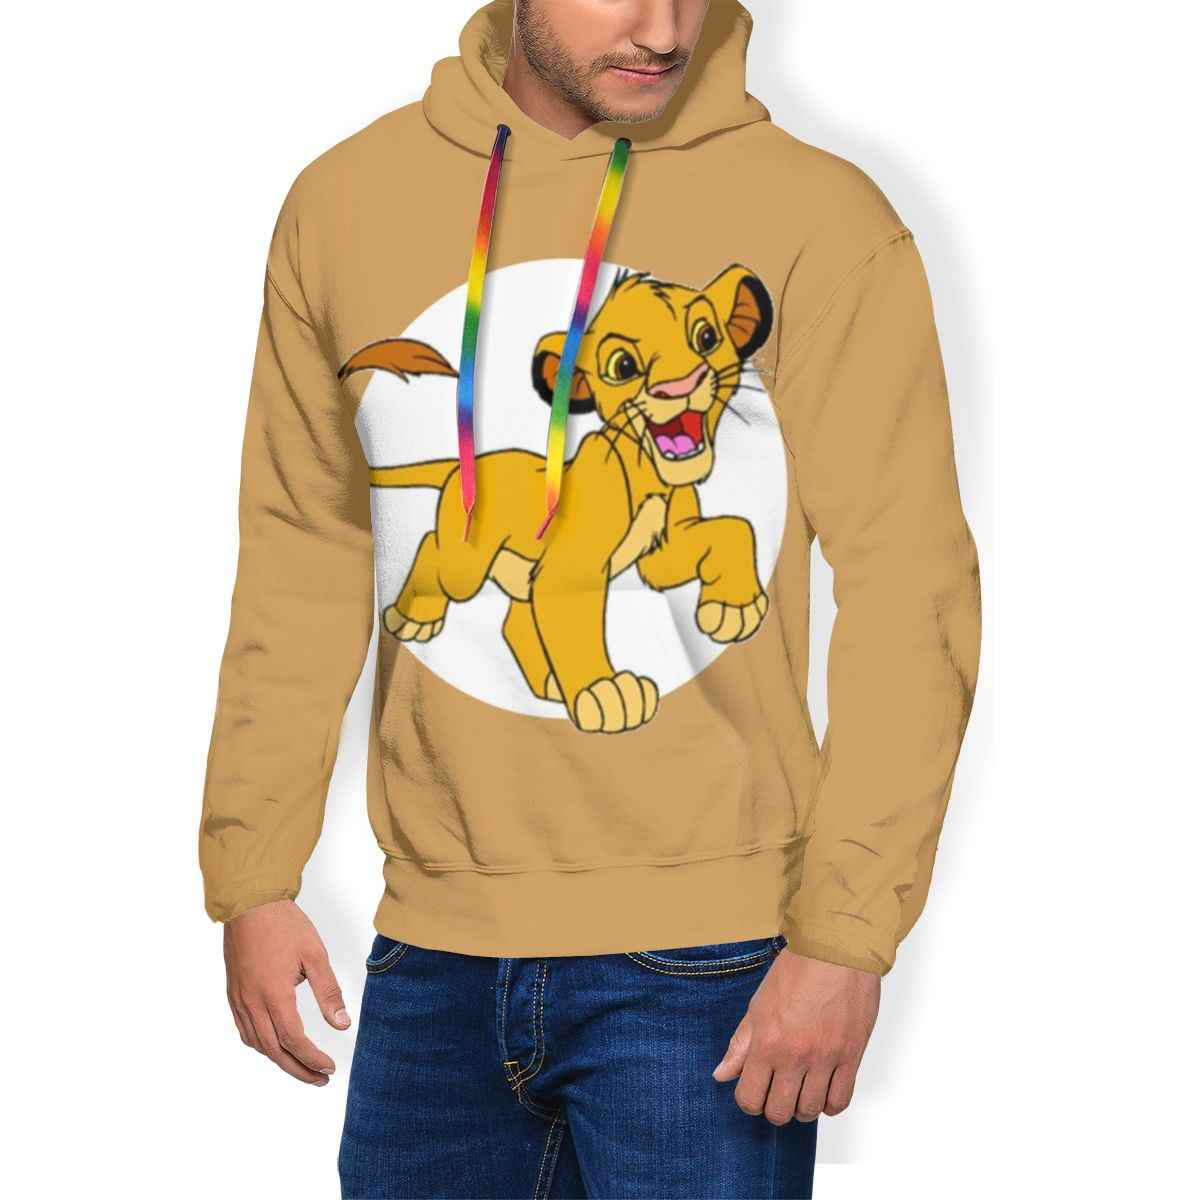 Король Лев Simba Толстовка Simba толстовки мужские синий пуловер худи полиэстер крутая осень XL толстовки с длинным рукавом